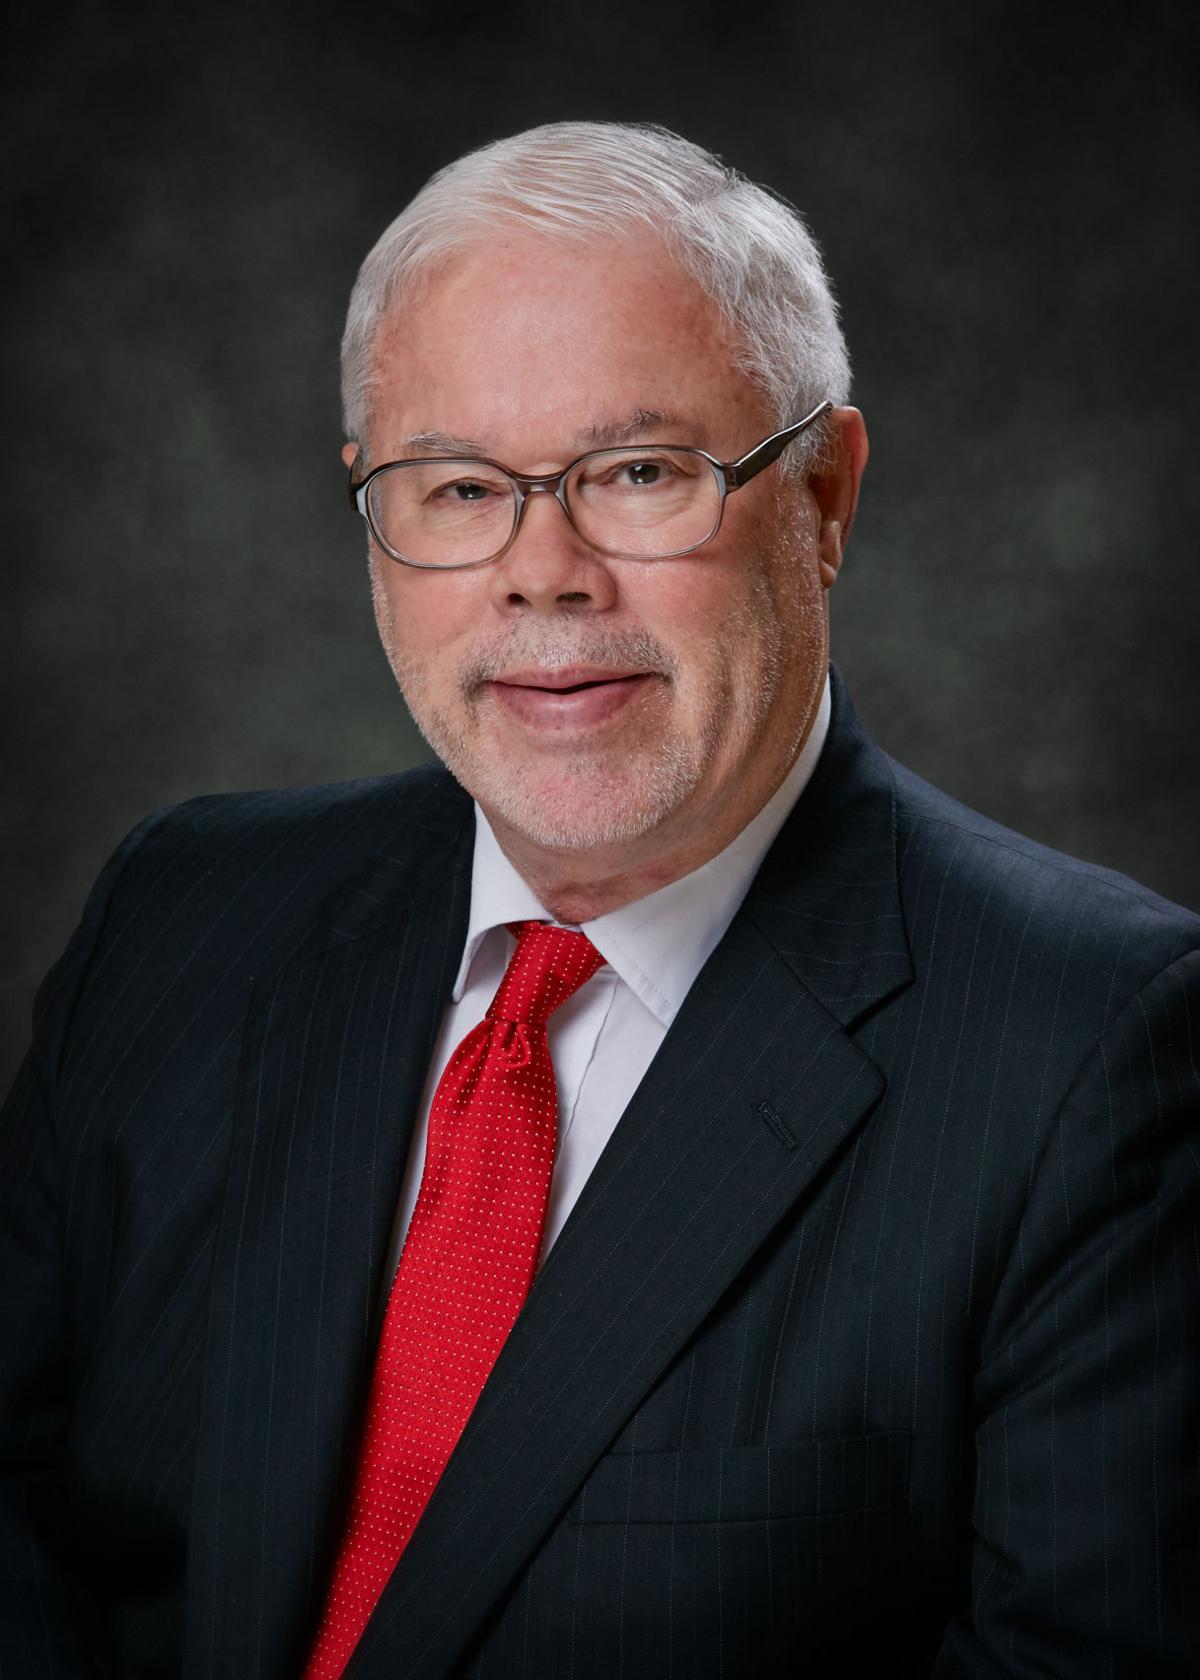 Lee Hornberger